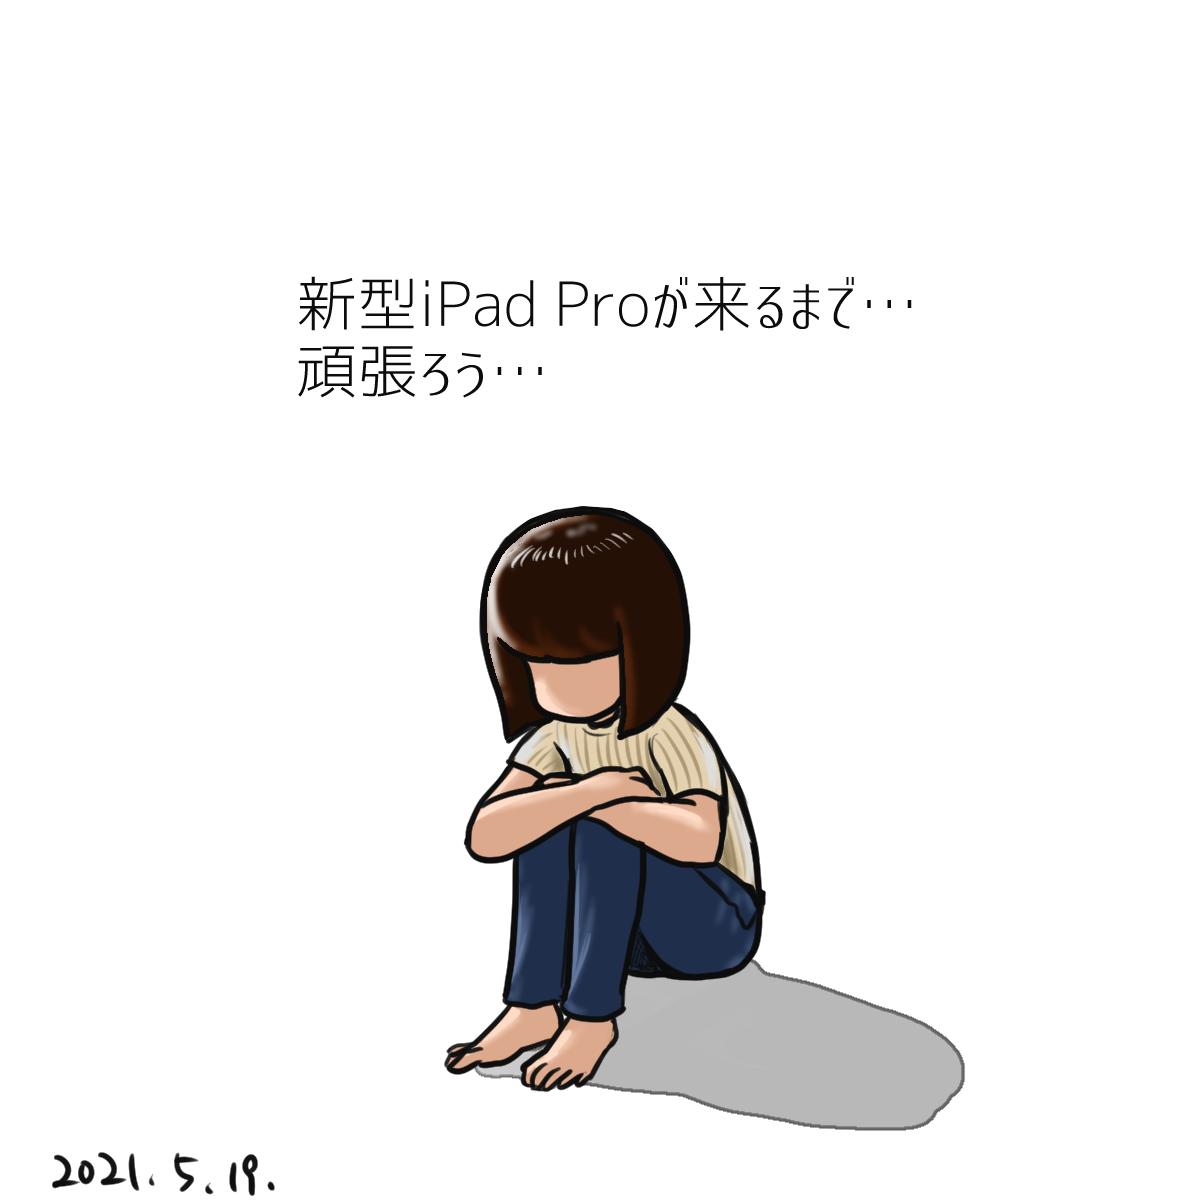 F6A9F063-7834-4FB6-8396-E8A10D36F998.png